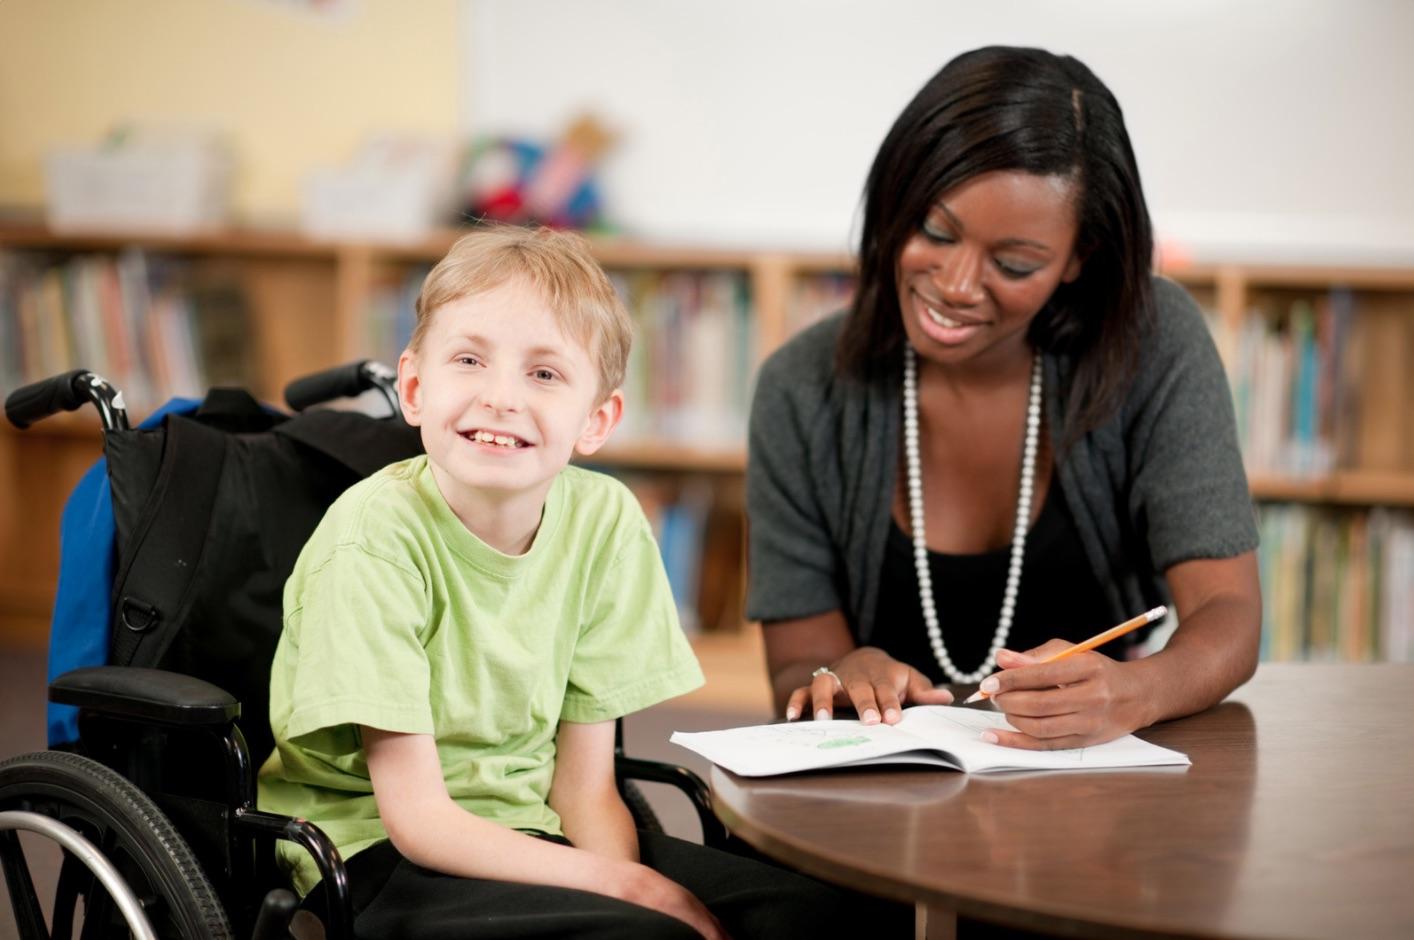 Oppassen op kinderen met speciale behoeften - Heb jij het in je?